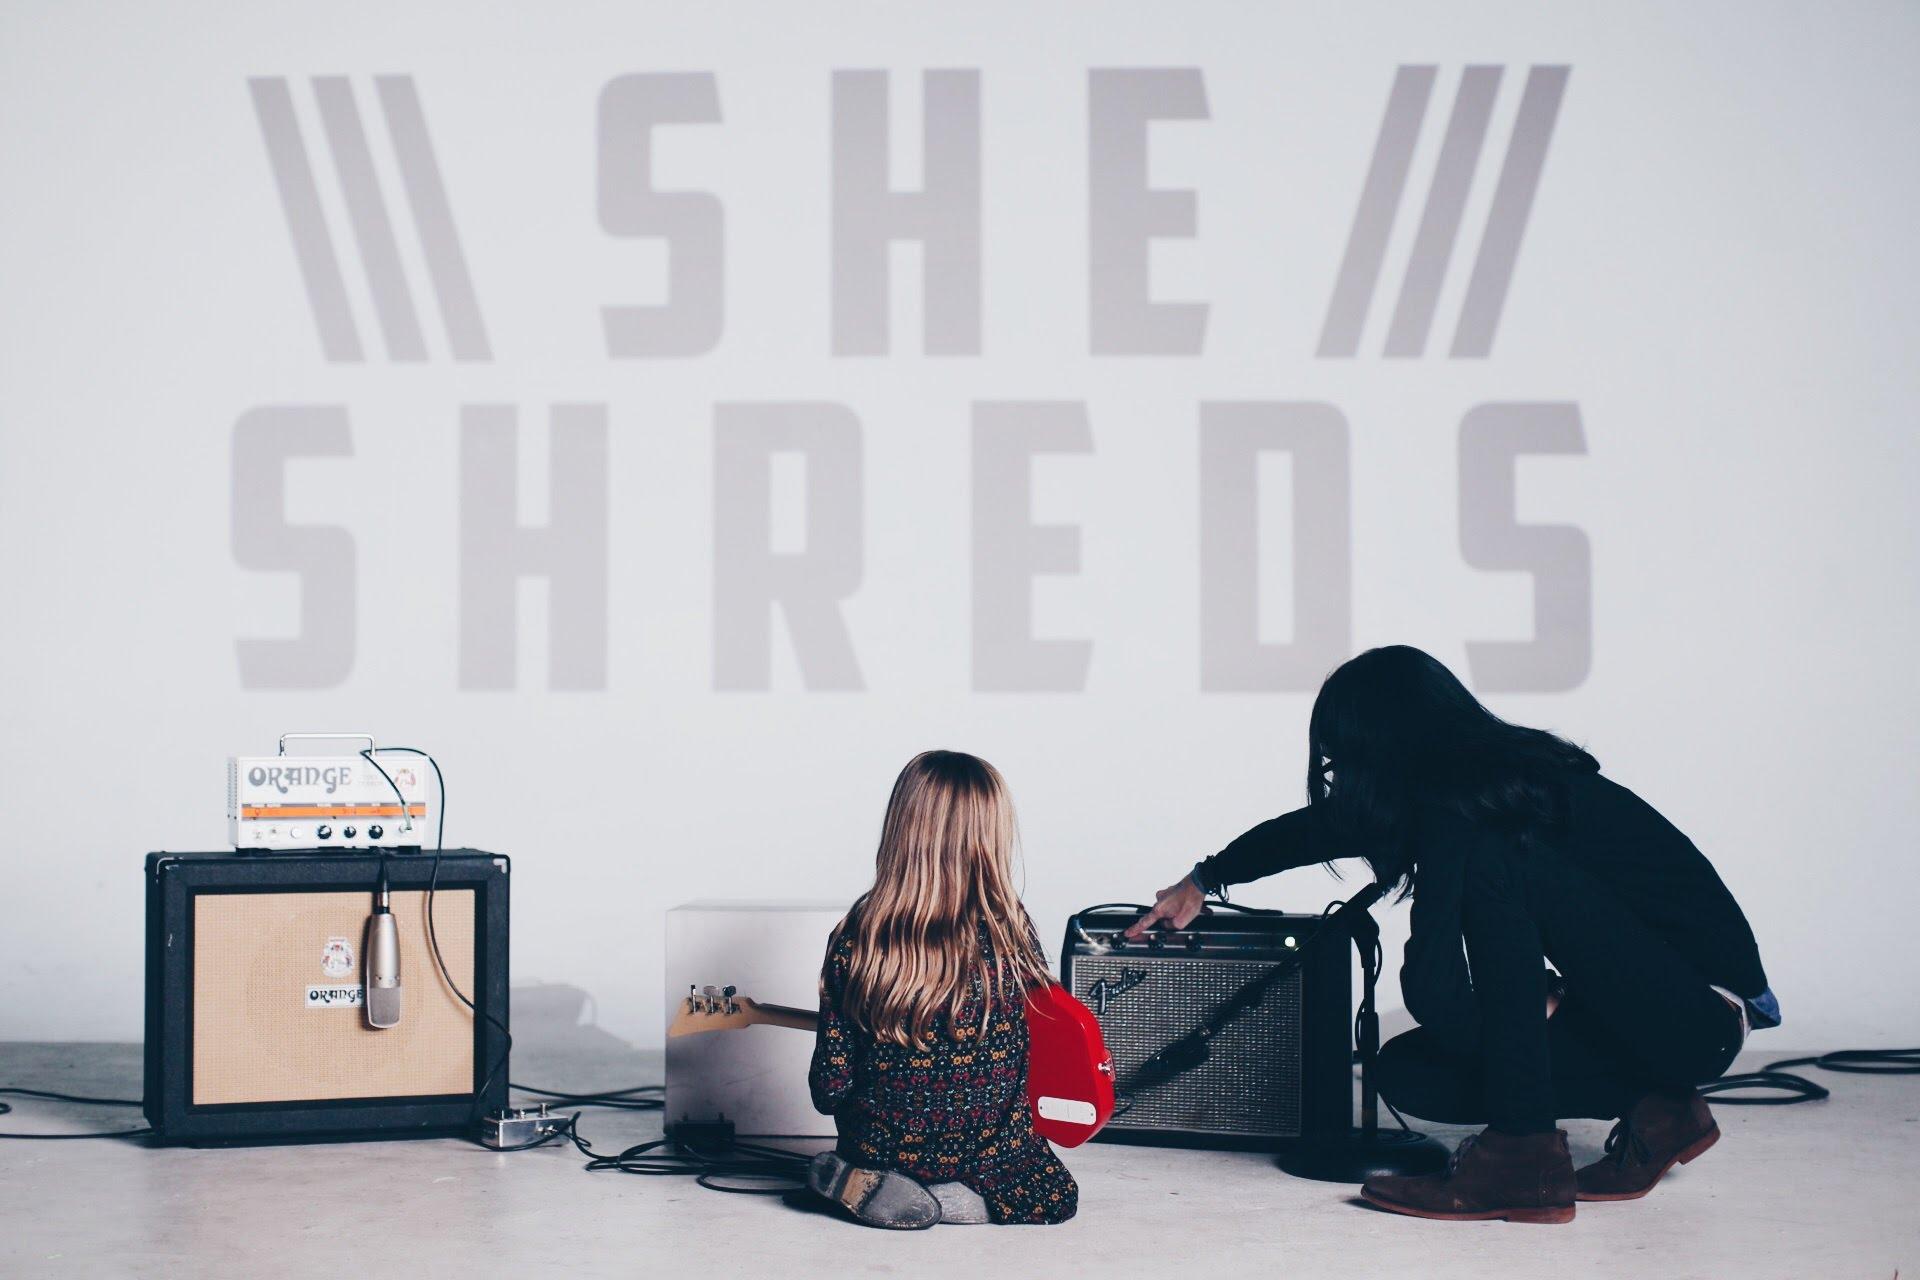 sheshreds